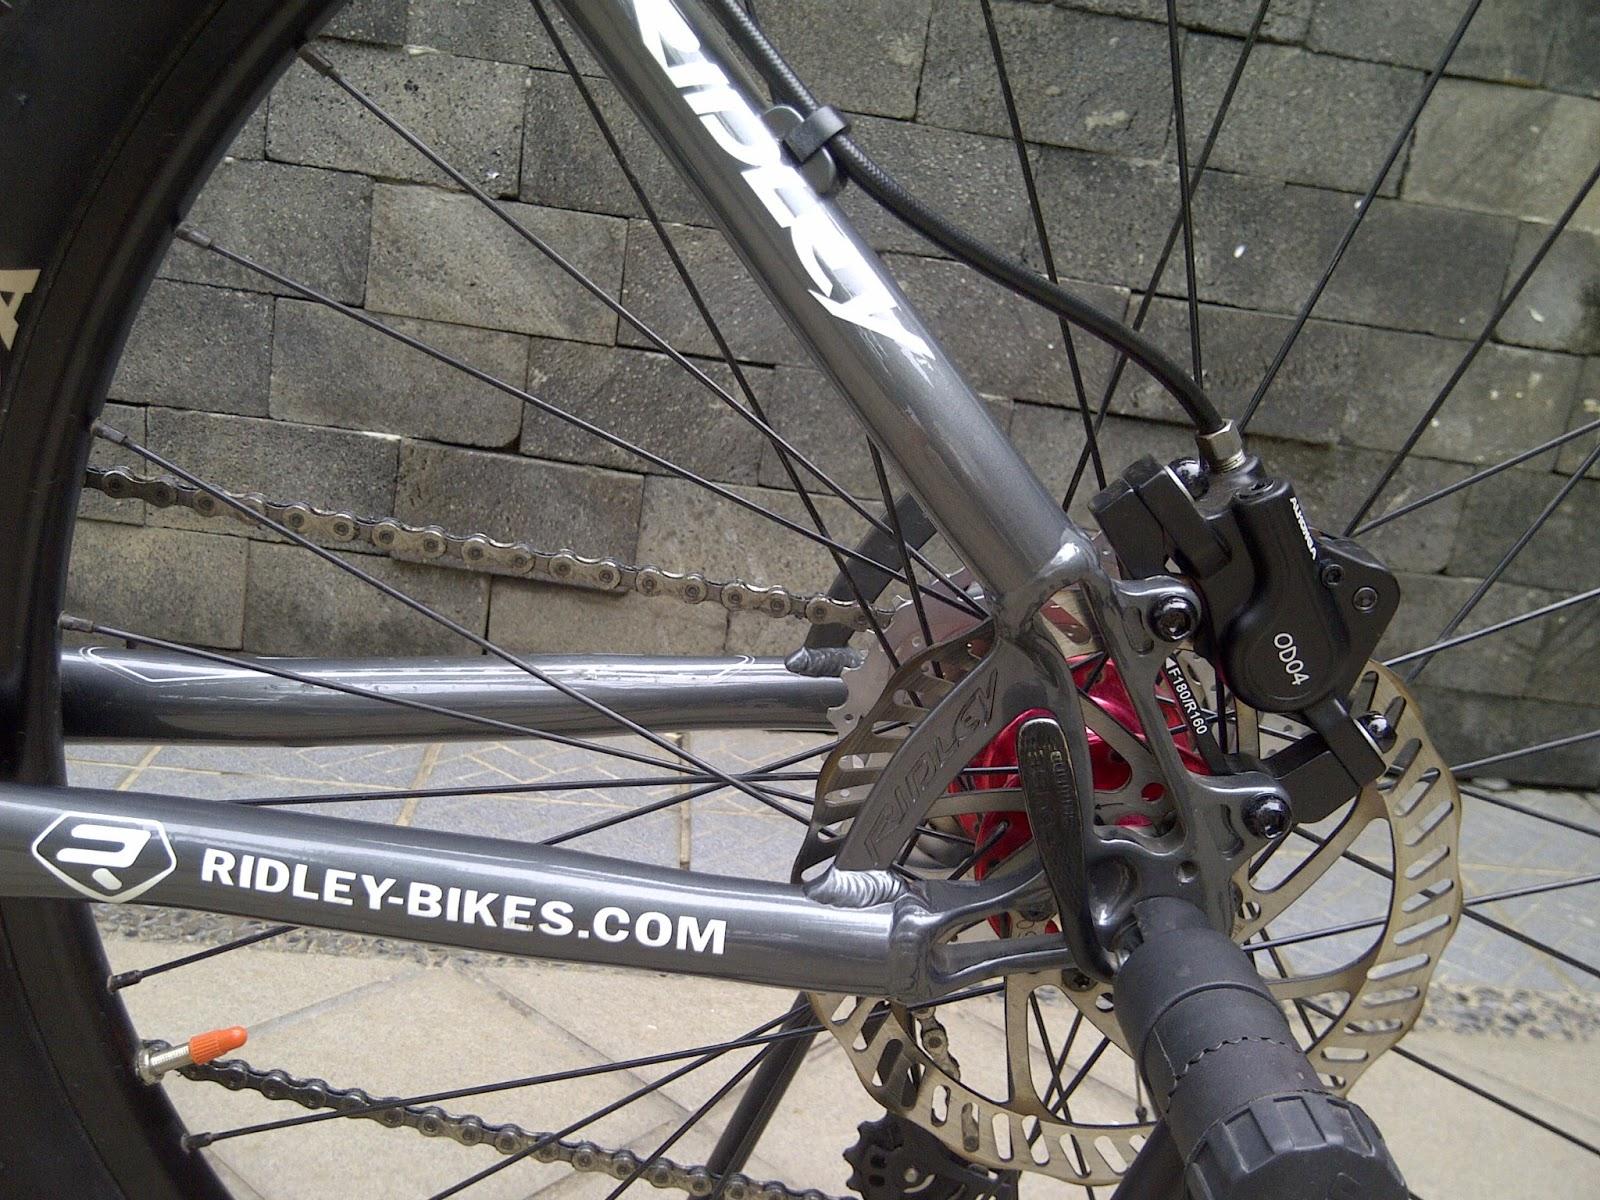 Toko Sepeda Bagus Gunung Balap Daftar Harga